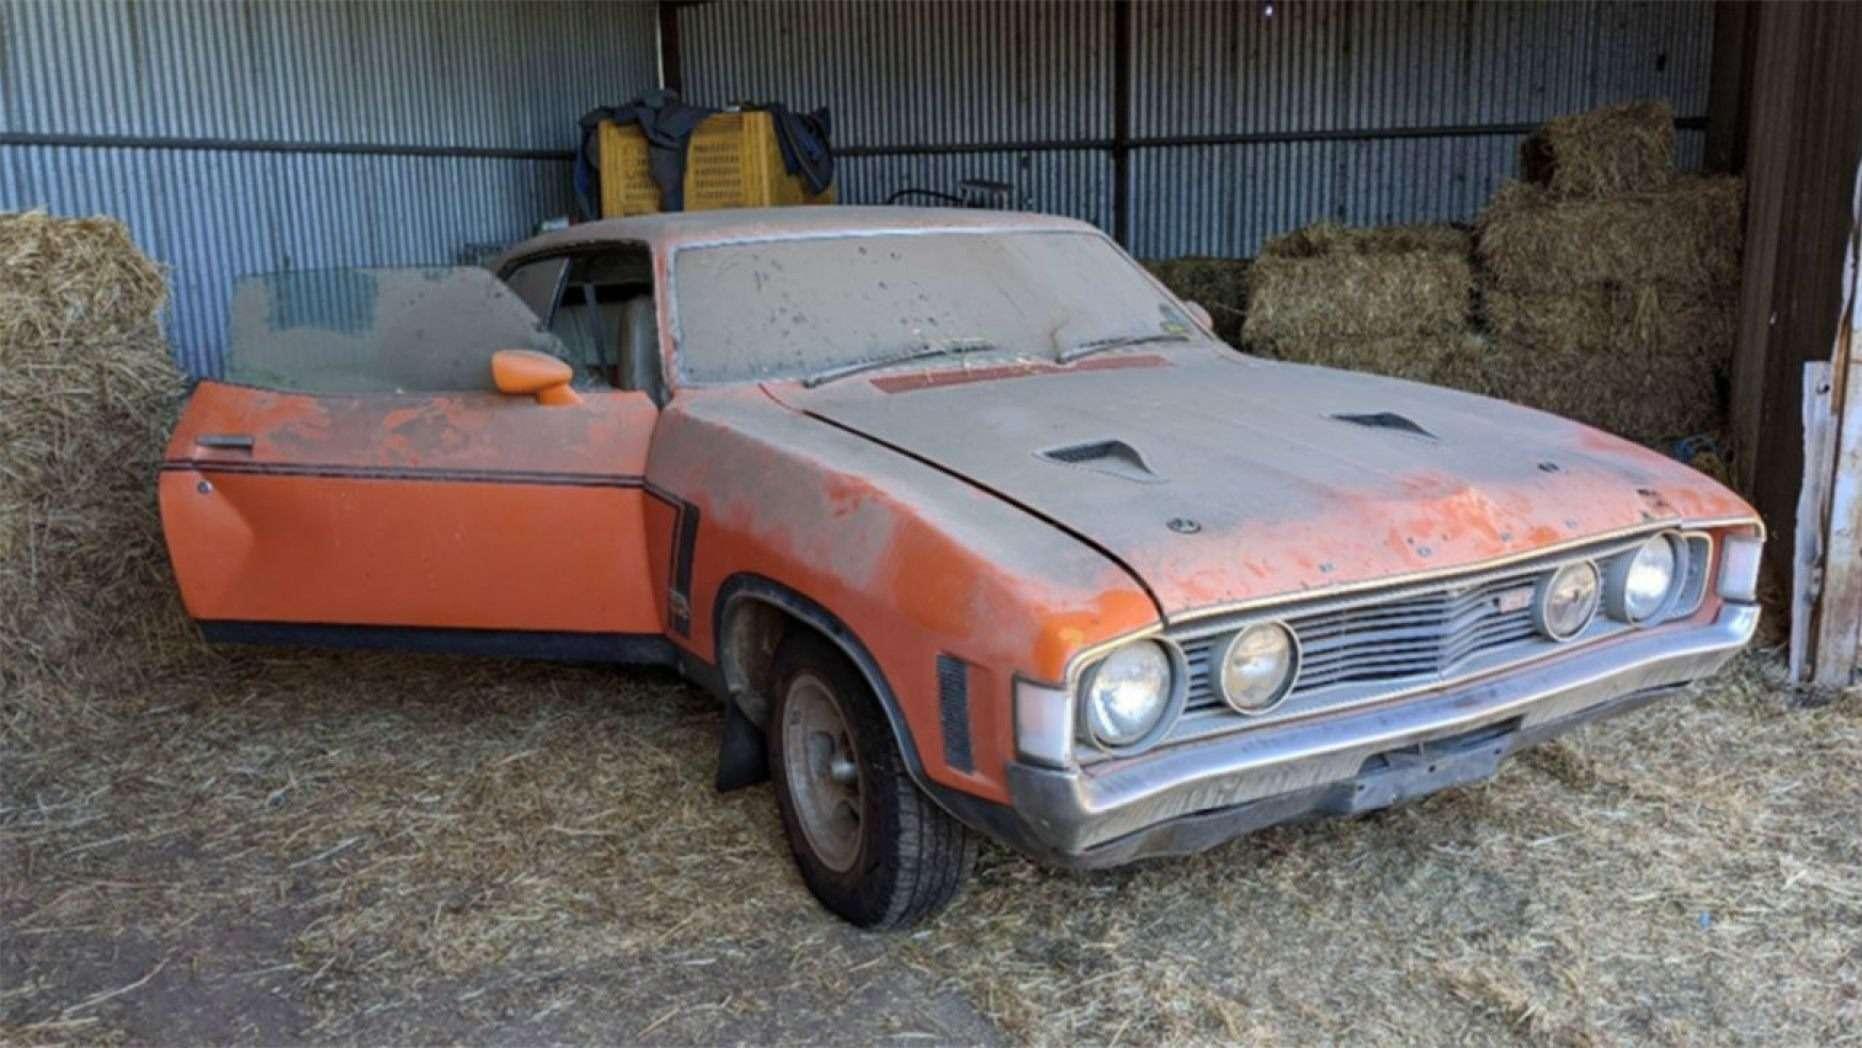 Дедуля держал машину, чтобы поговорить, акупили еезатрогательную «историю»— фото 1155238